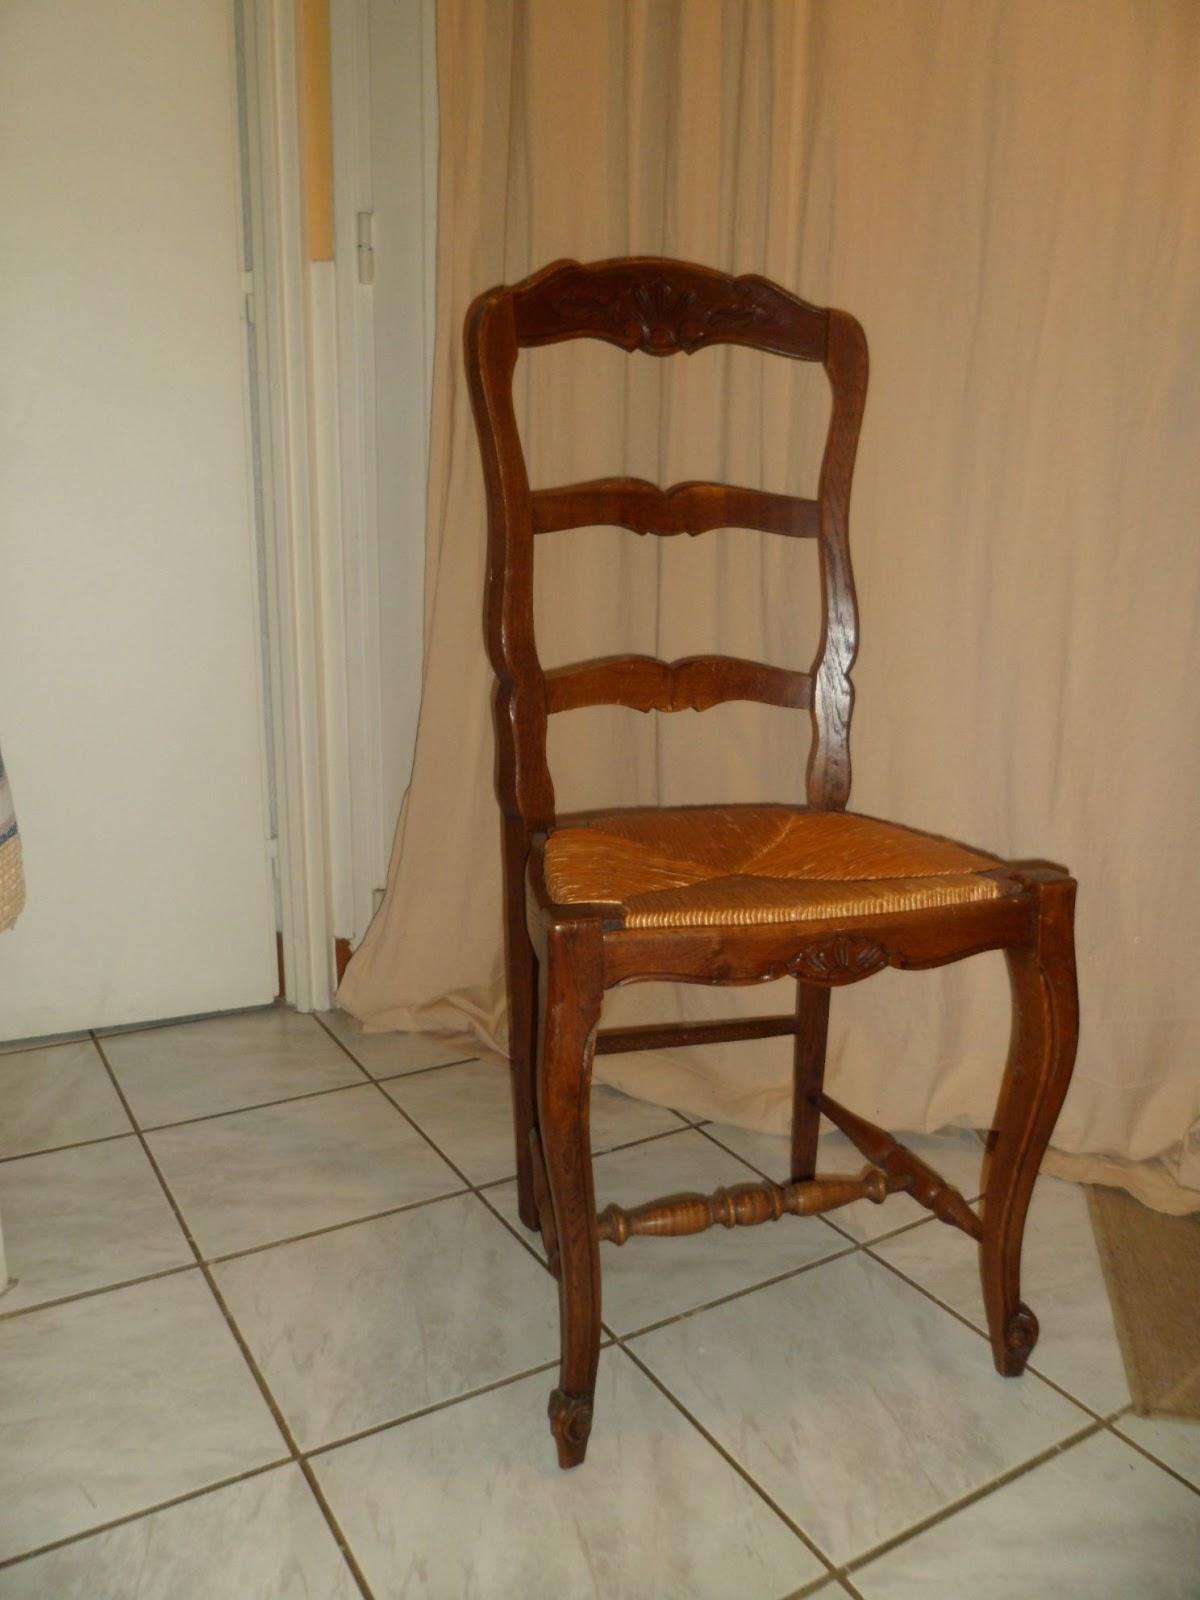 rajeunir une chaise rustique - Chaise Rustique